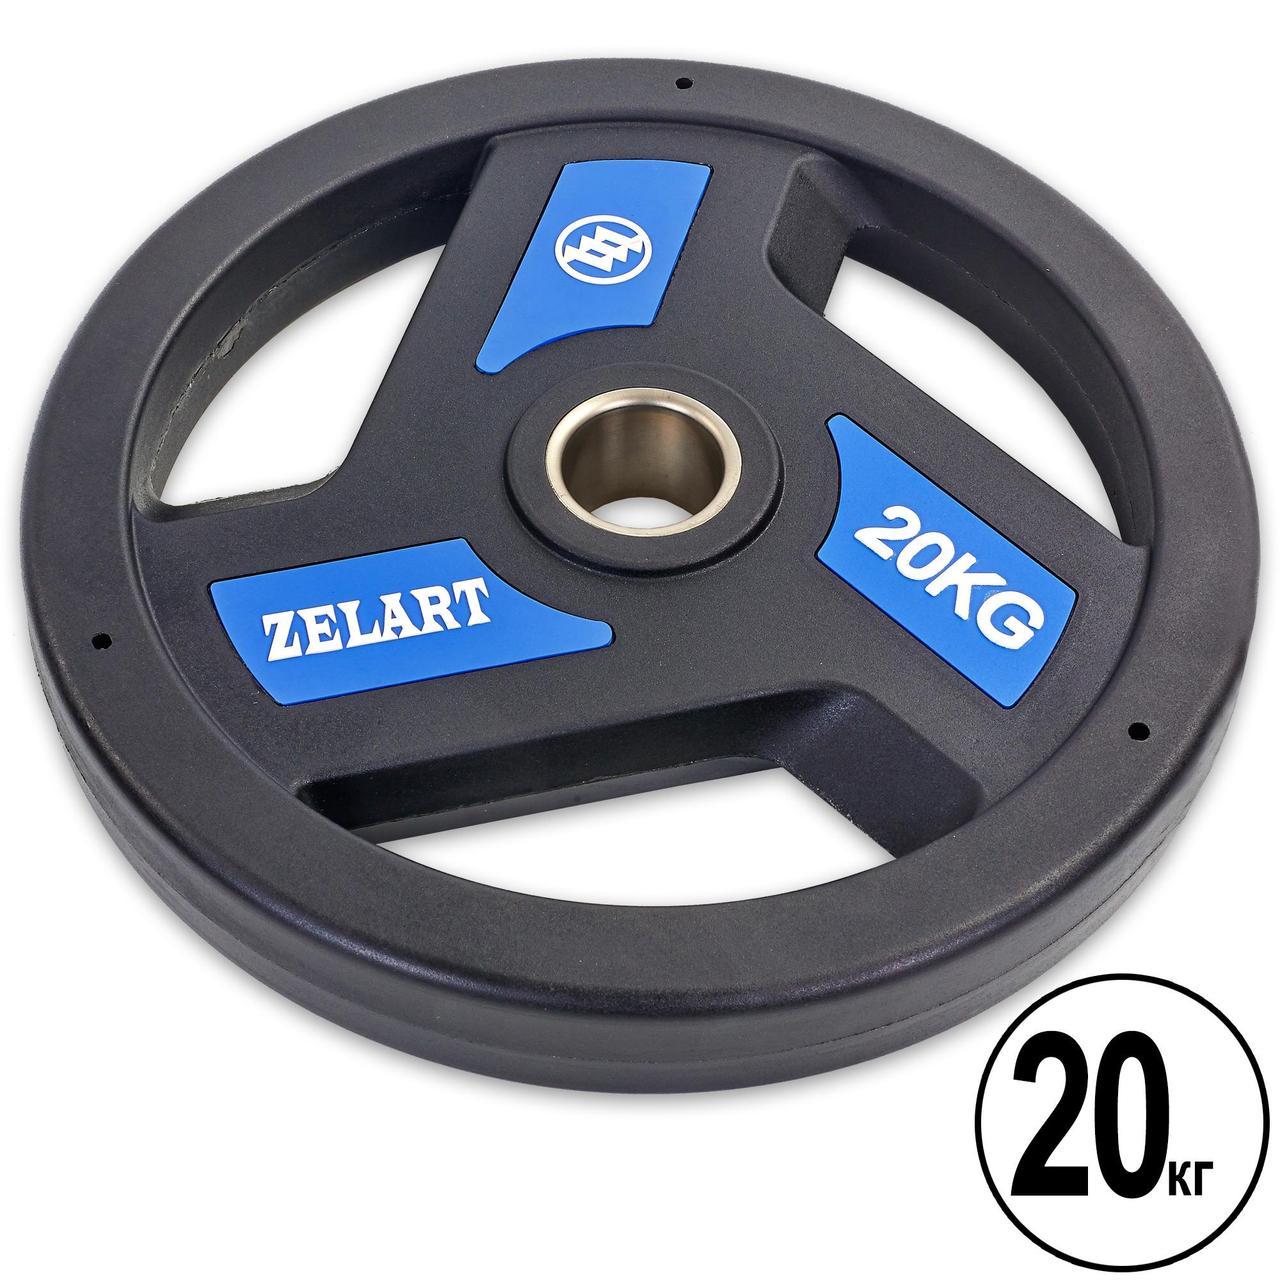 Блины (диски) полиуретановые с хватом и металлической втулкой d-51мм Zelart TA-5344-20 20кг (черный)